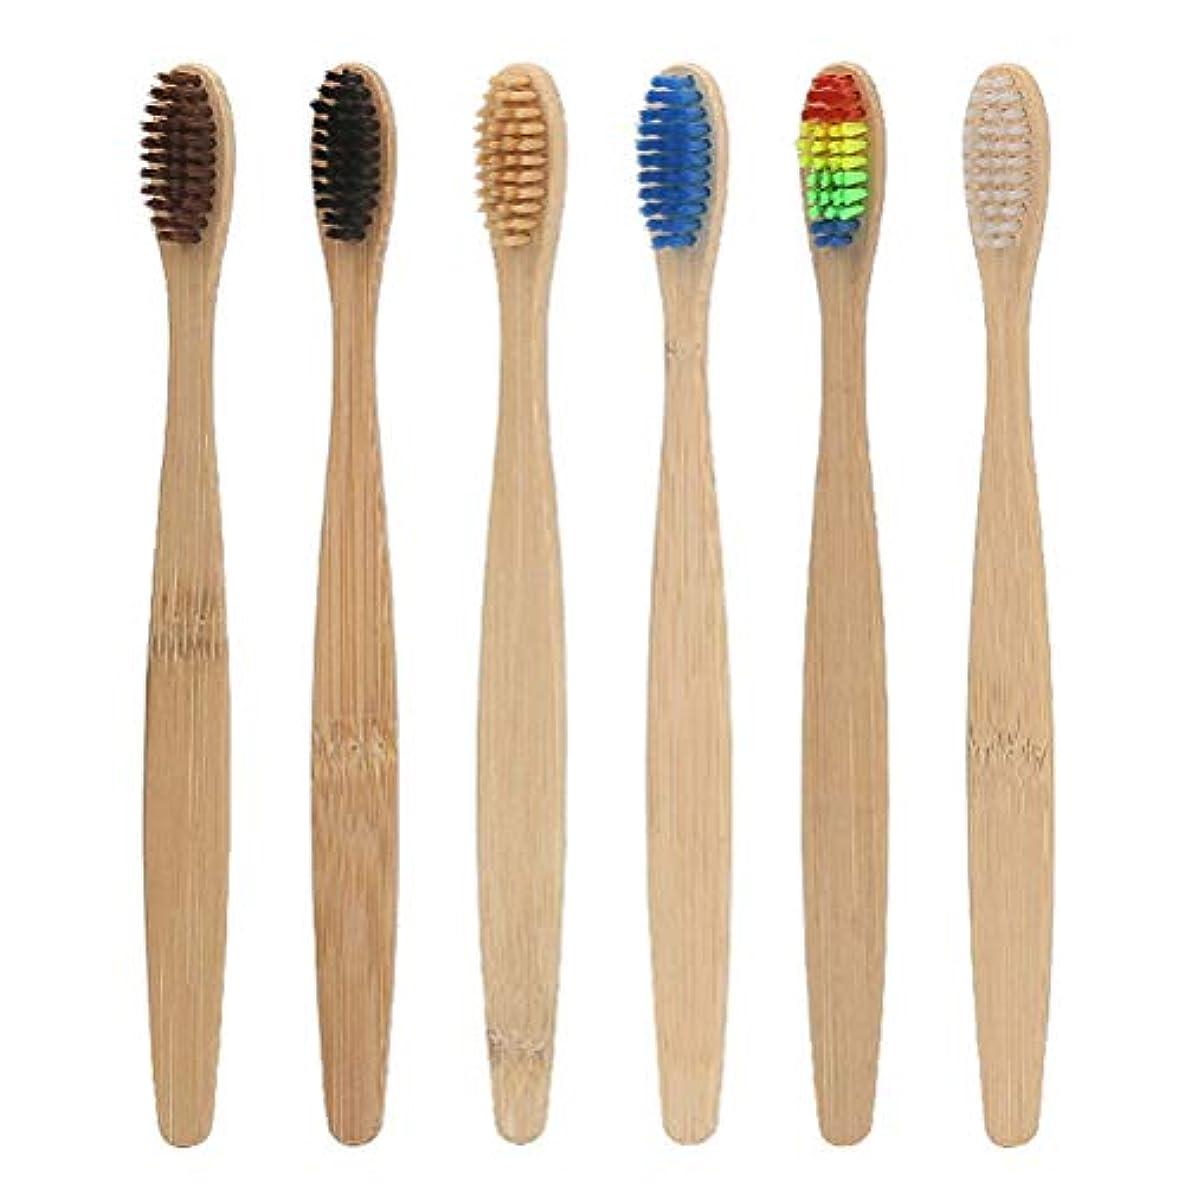 プライム例示する歪めるHealifty 女性のための環境的に竹の歯ブラシ6本の柔らかい環境に優しい竹の歯ブラシ男性(ランダムカラー)